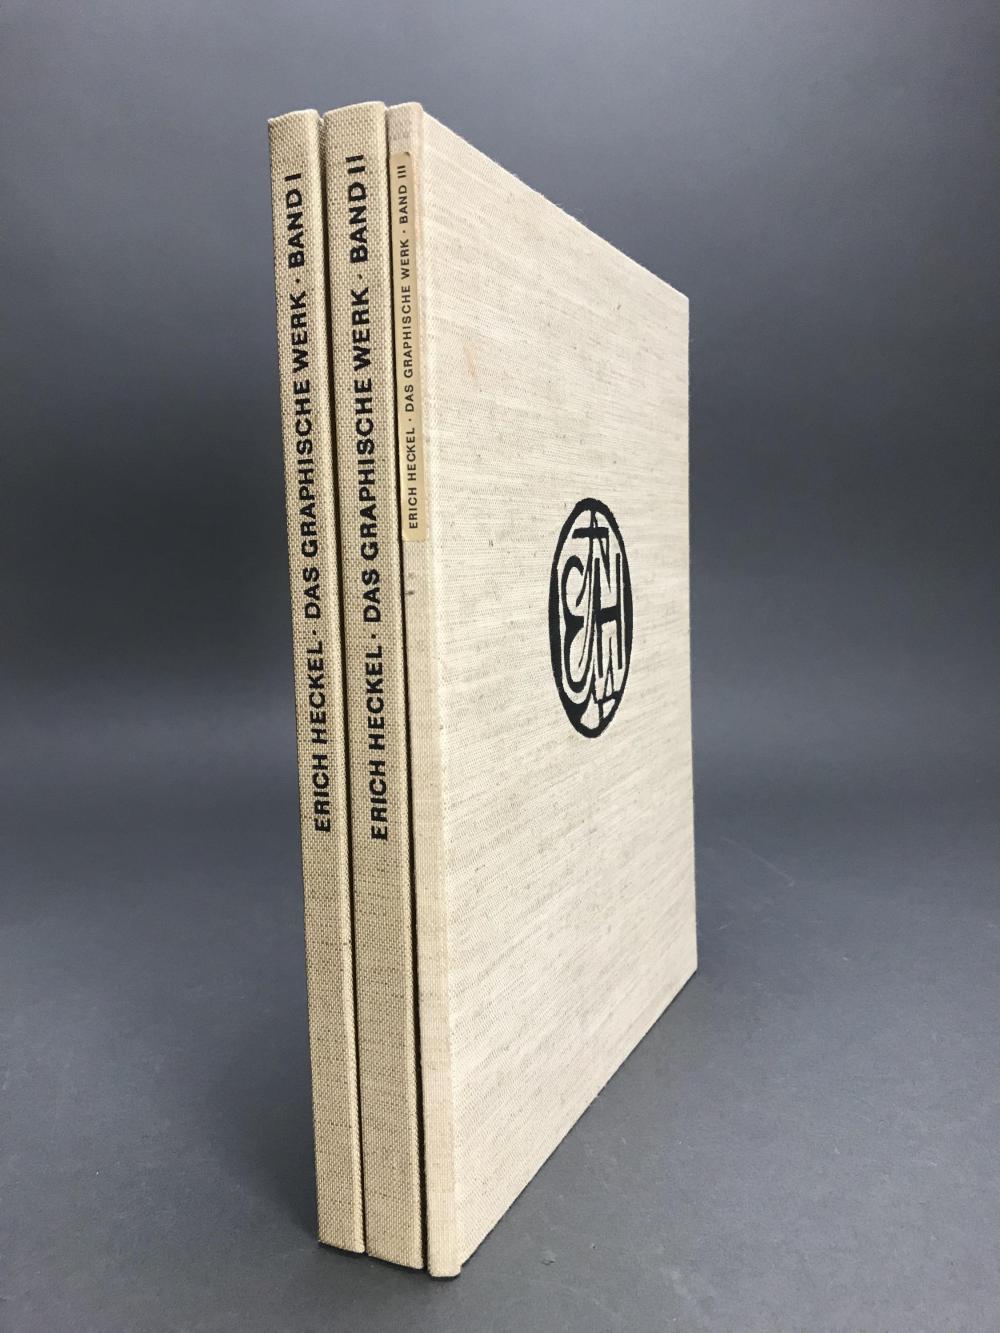 Lot 458: Erich Heckel: Das Graphische Werk. 1974